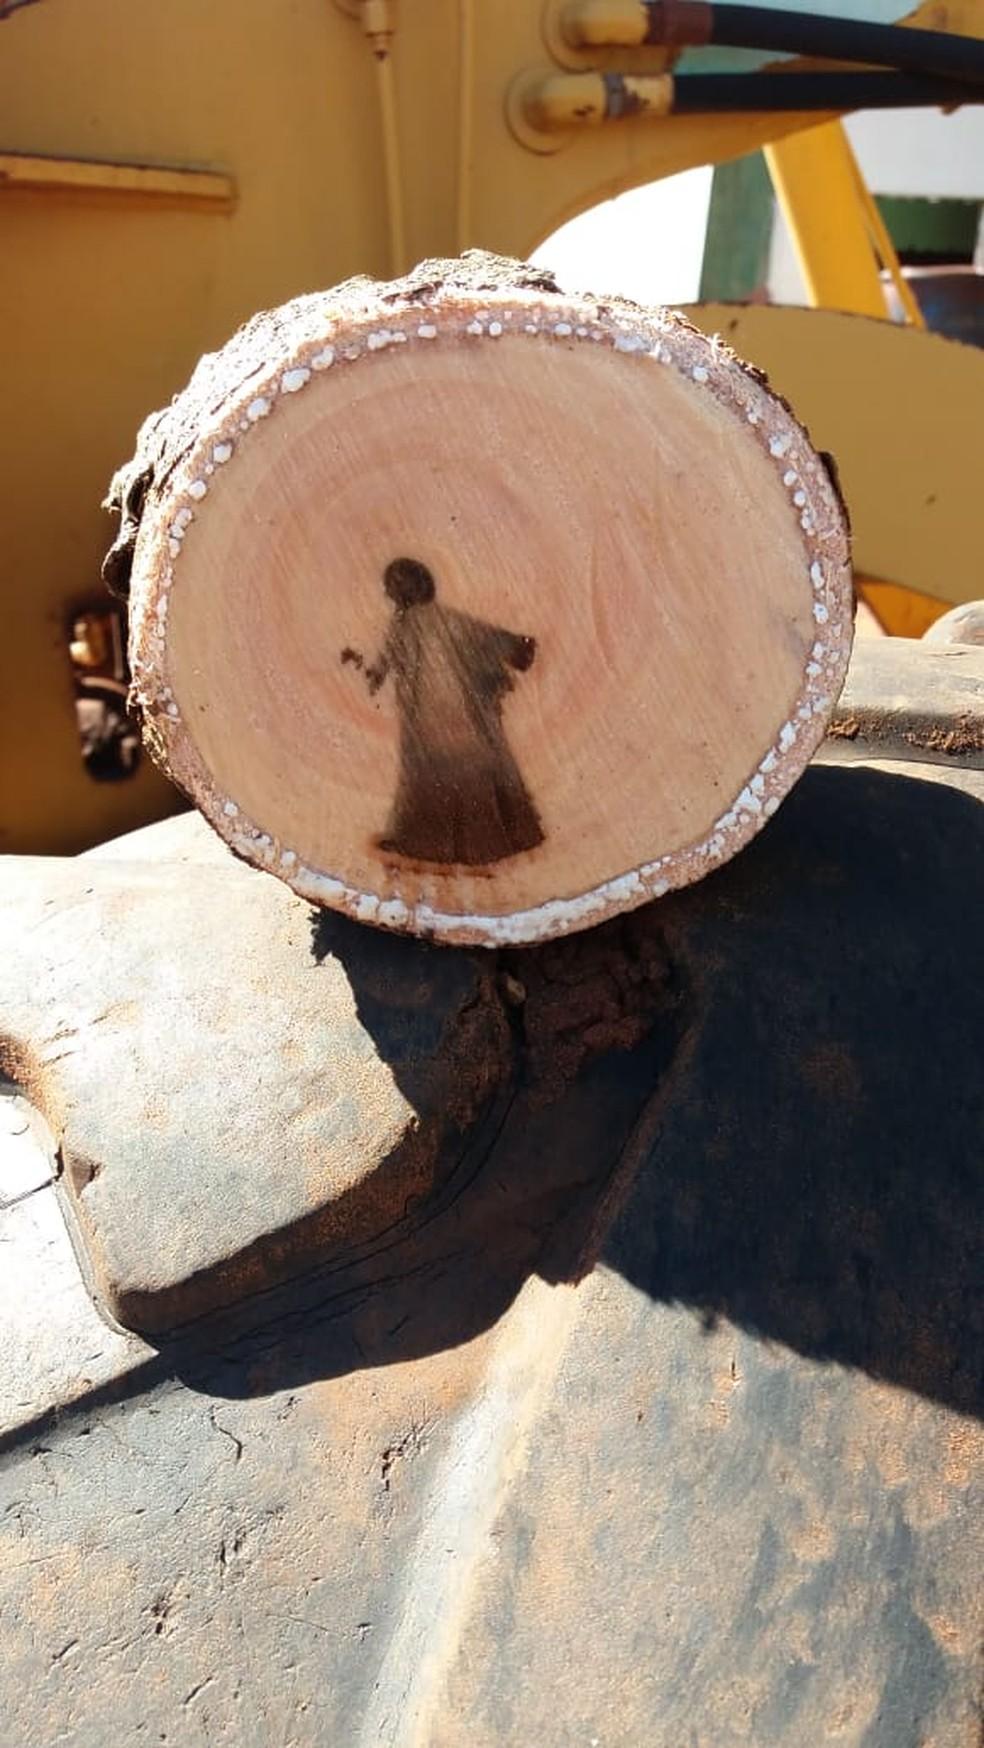 Biólogo esclarece fato da imagem de 'Jesus' que surgiu em tronco de árvore 3